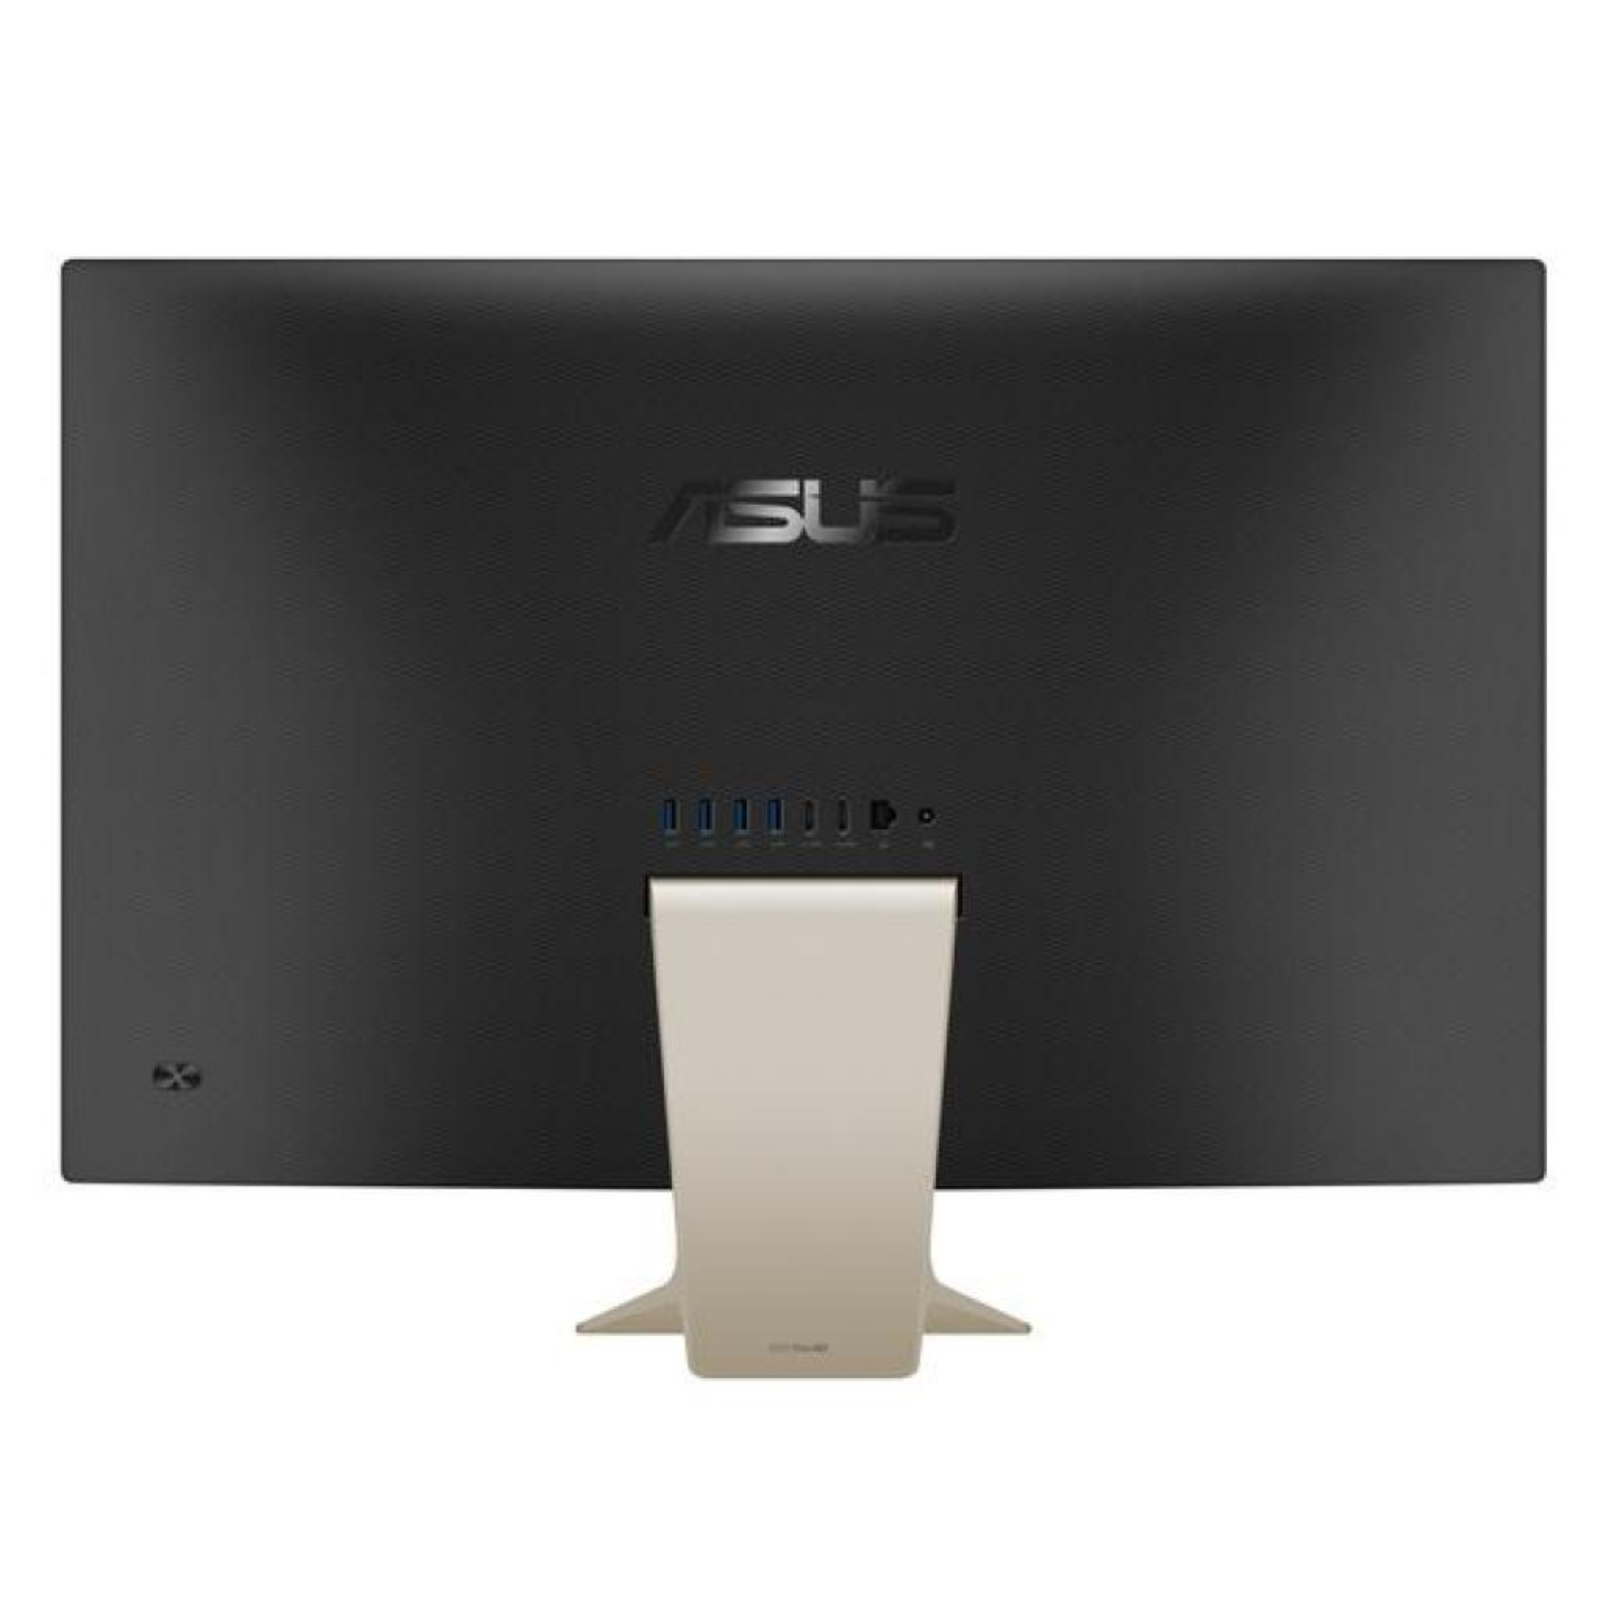 Компьютер ASUS V272UNT-BA002R (90PT0241-M00220) изображение 4